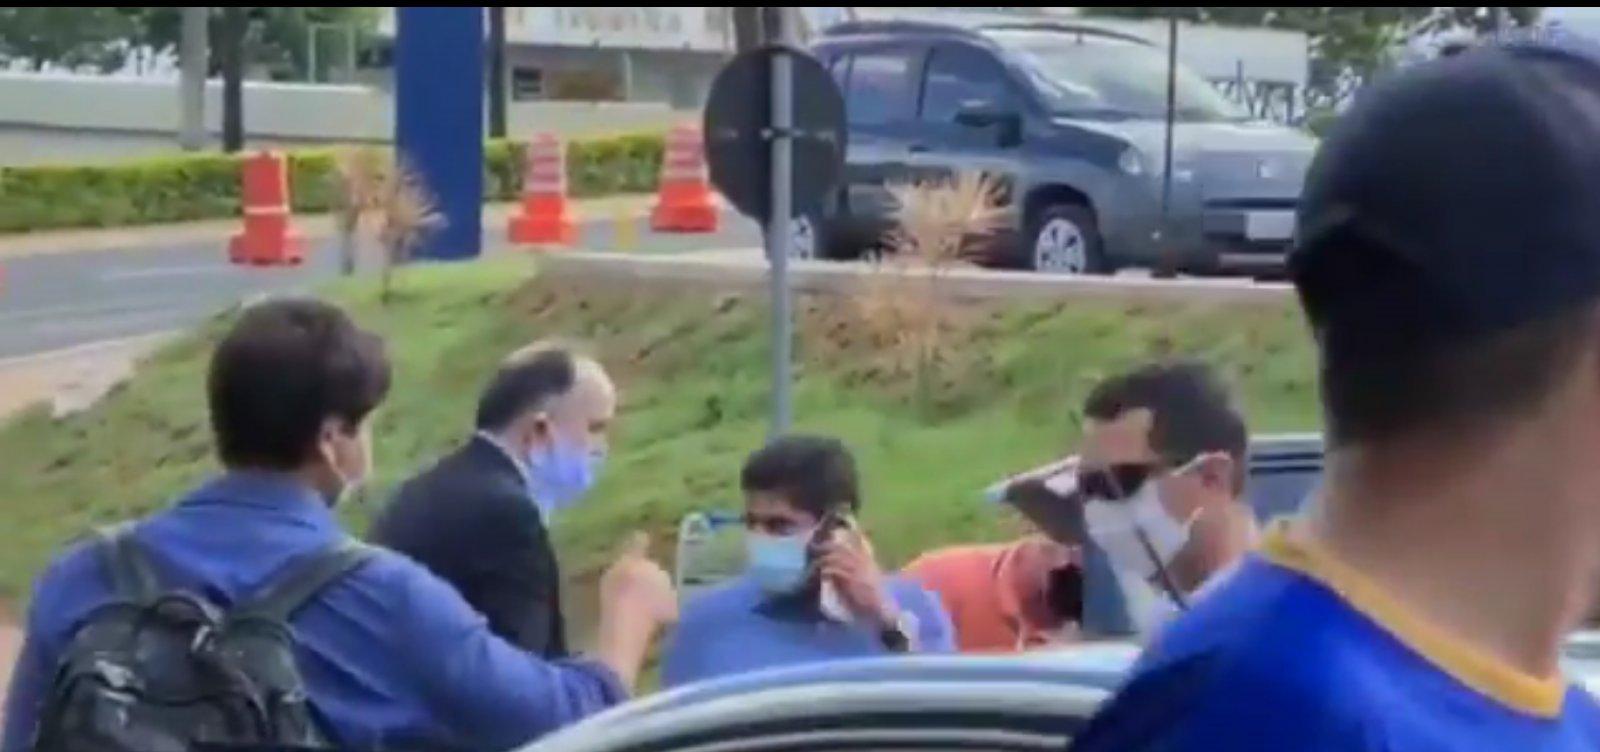 ACM Neto é hostilizado por bolsonaristas em aeroporto: 'Bandido comunista'; veja